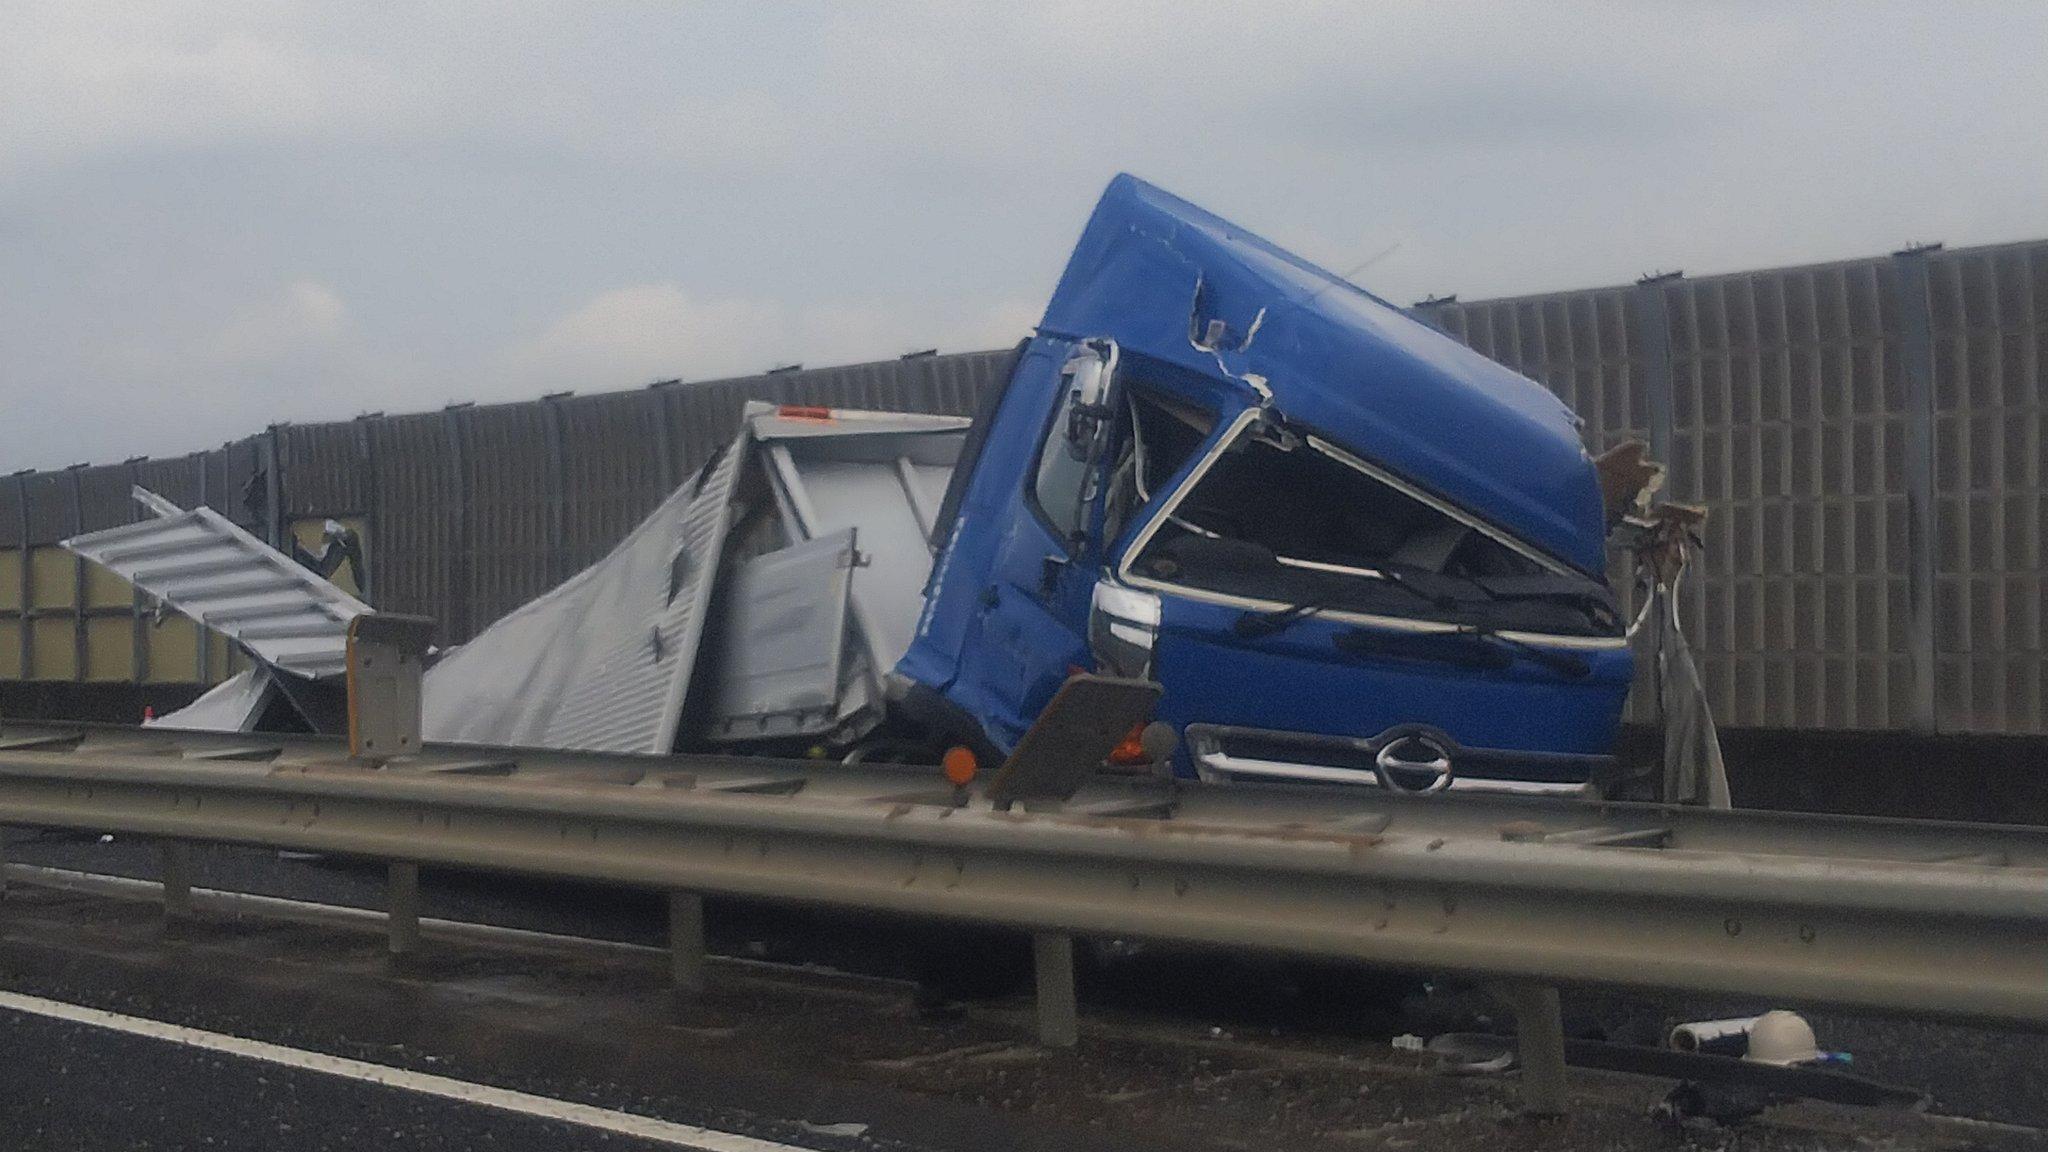 圏央道の狭山PAでトラックが大破する事故の現場画像